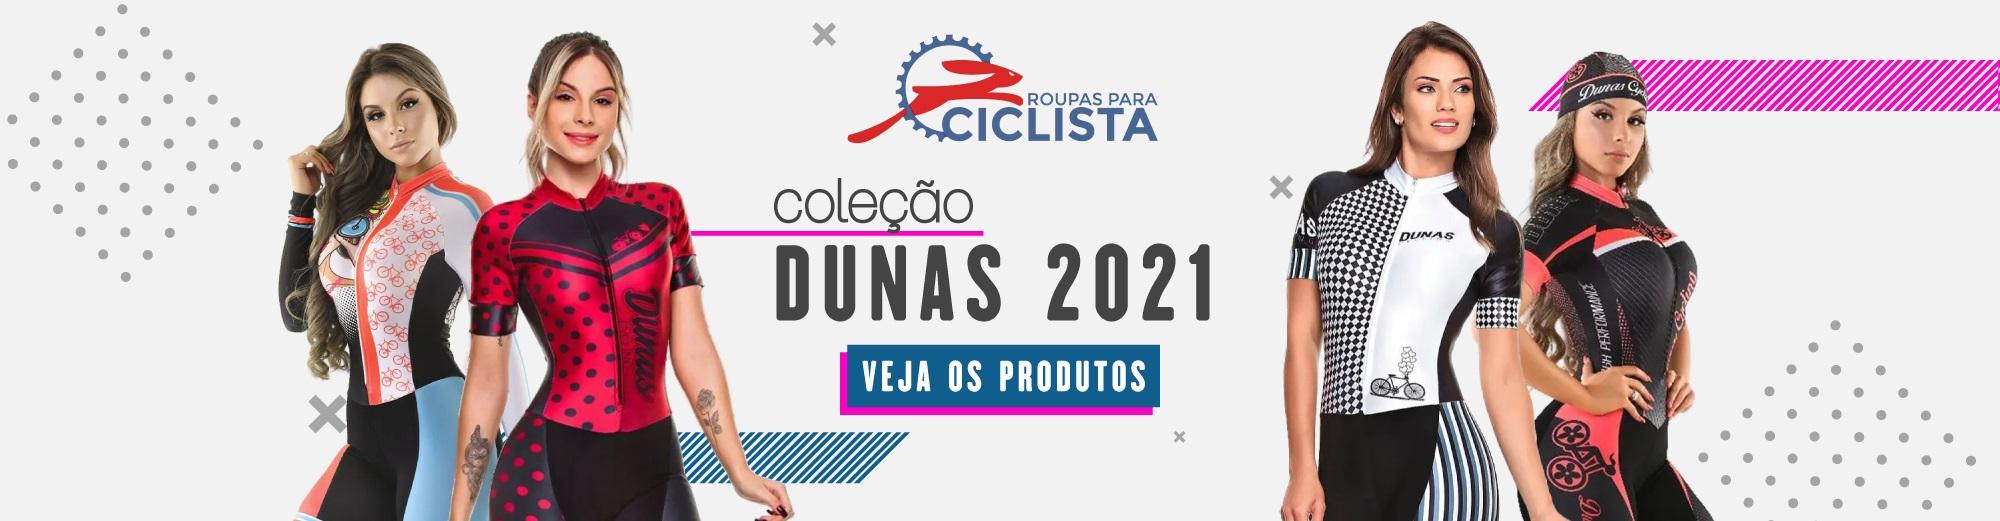 Coleção Dunas Cycling 2021